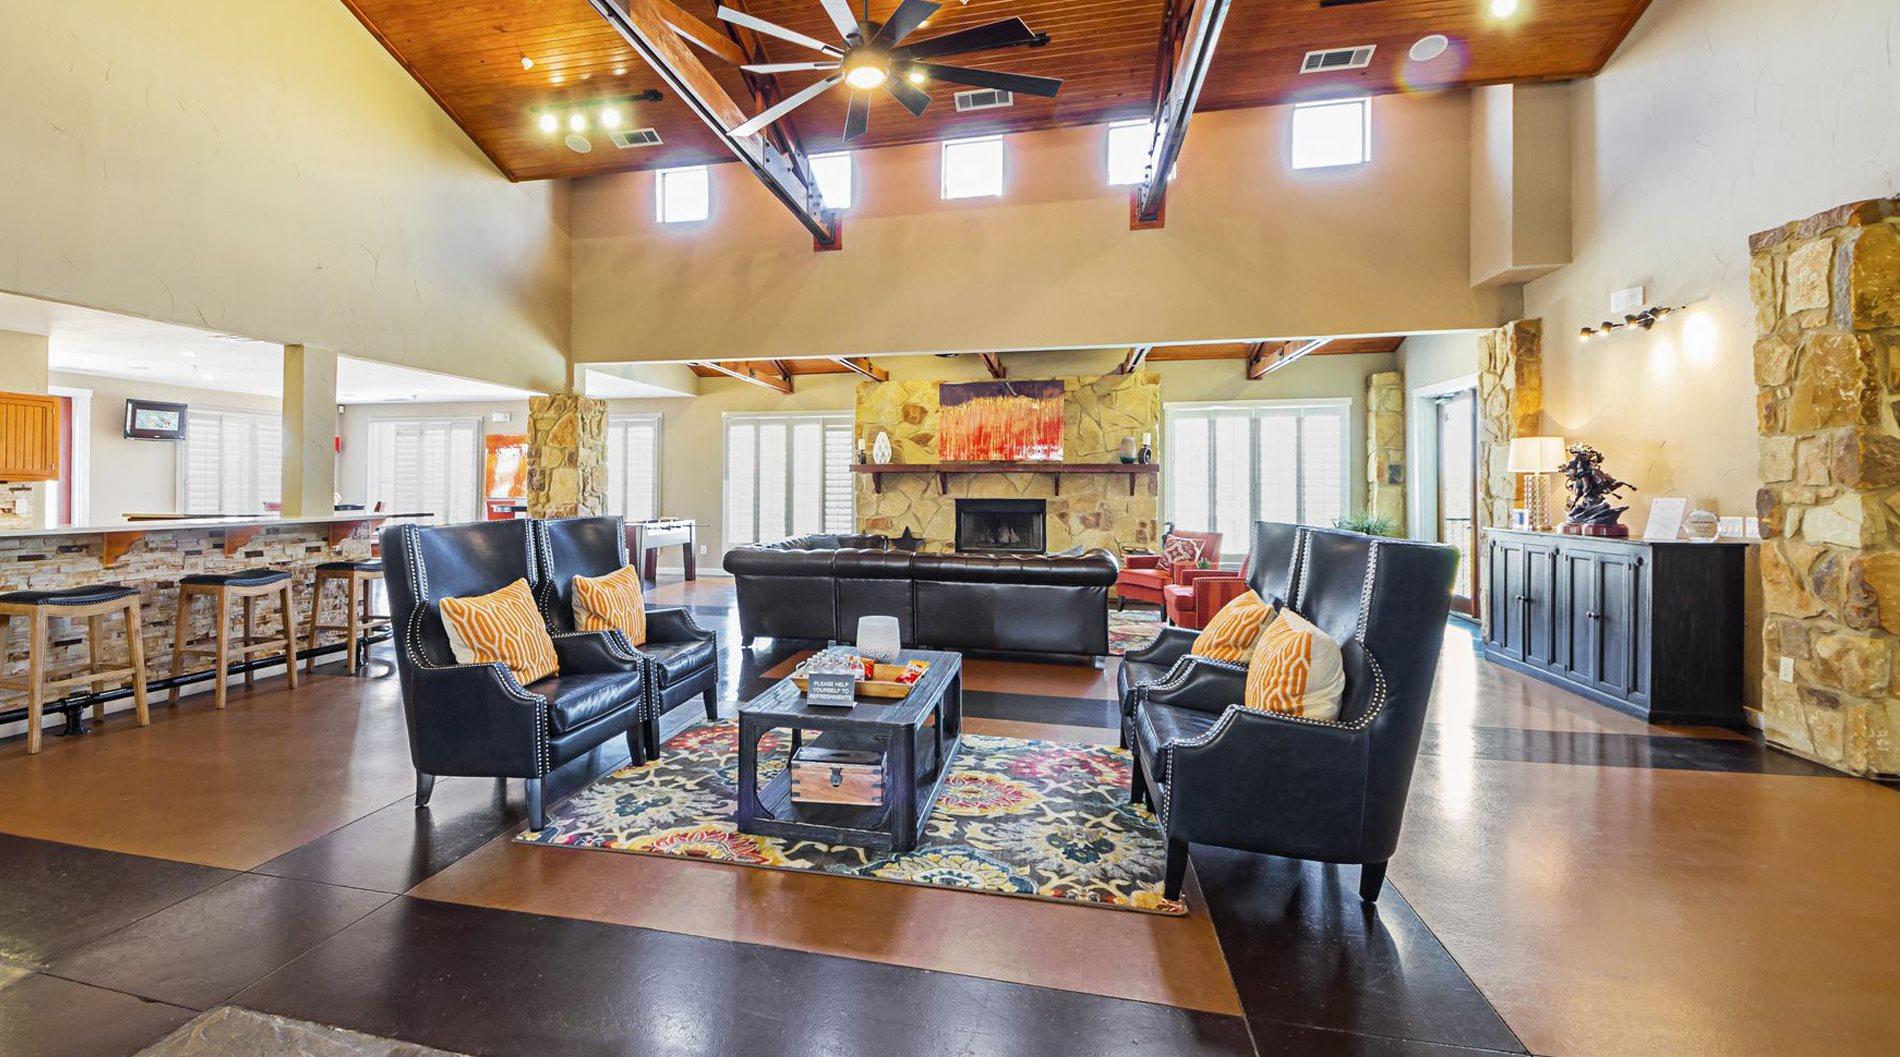 Santa Fe Ranch Apartments Irving Tx Reviews